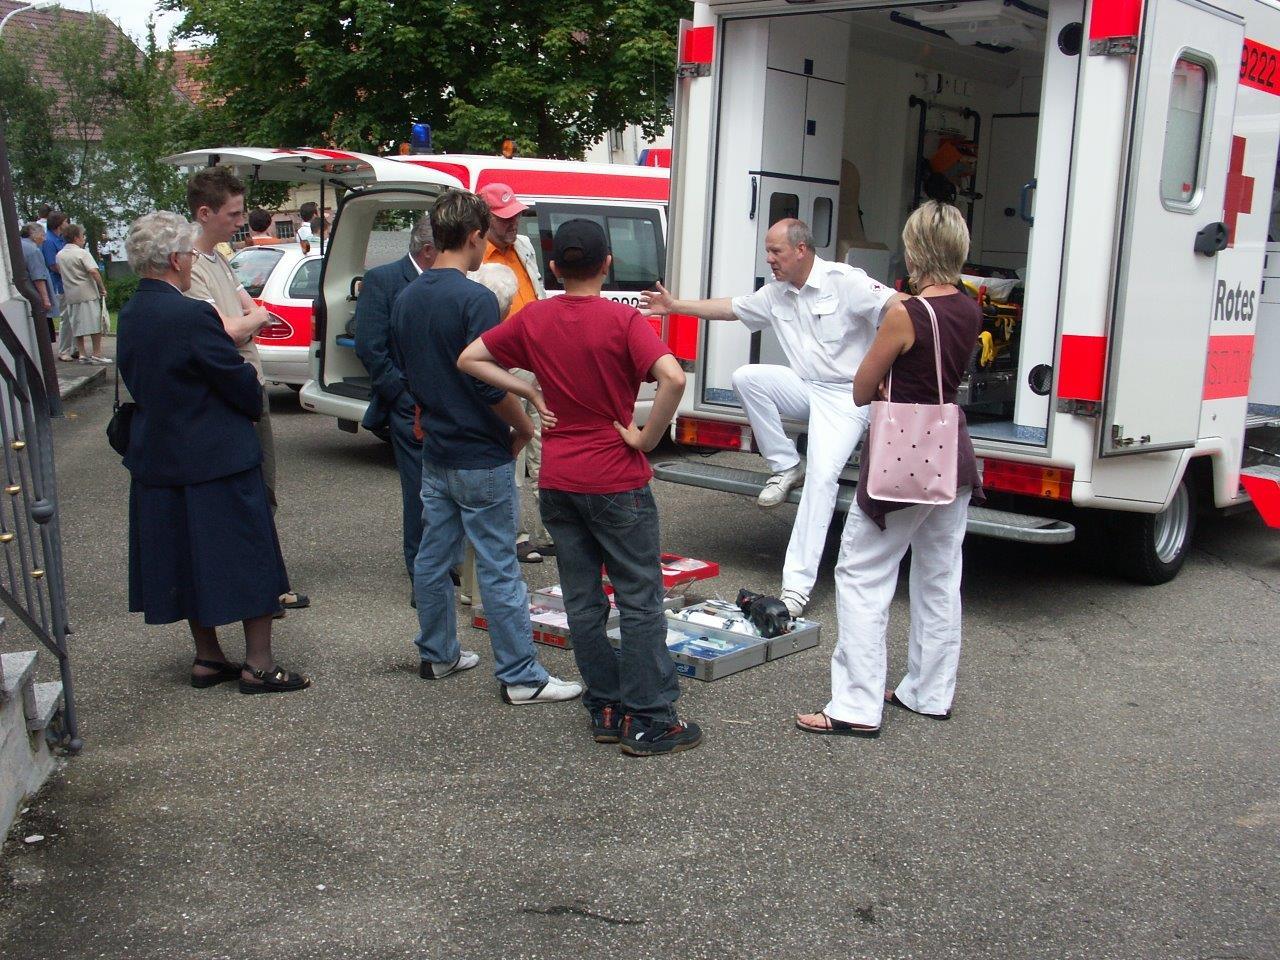 Ein Kollege des Rettungsdienstes erklärt den interessierten Besuchern den Rettungswagen